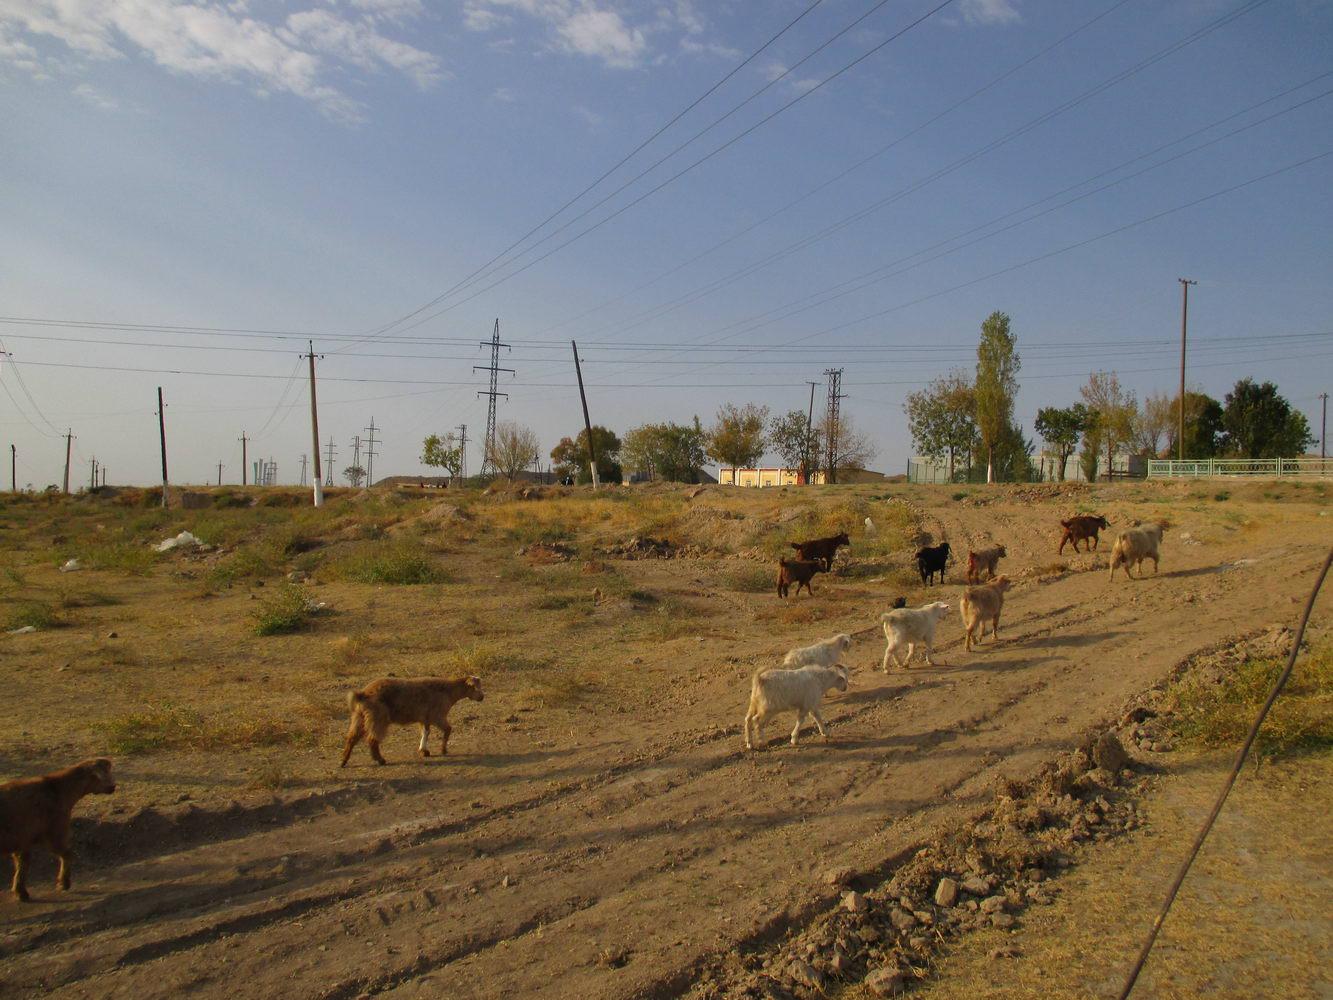 птицы афганцы ездят на спинах животных. узбекистан алмалык